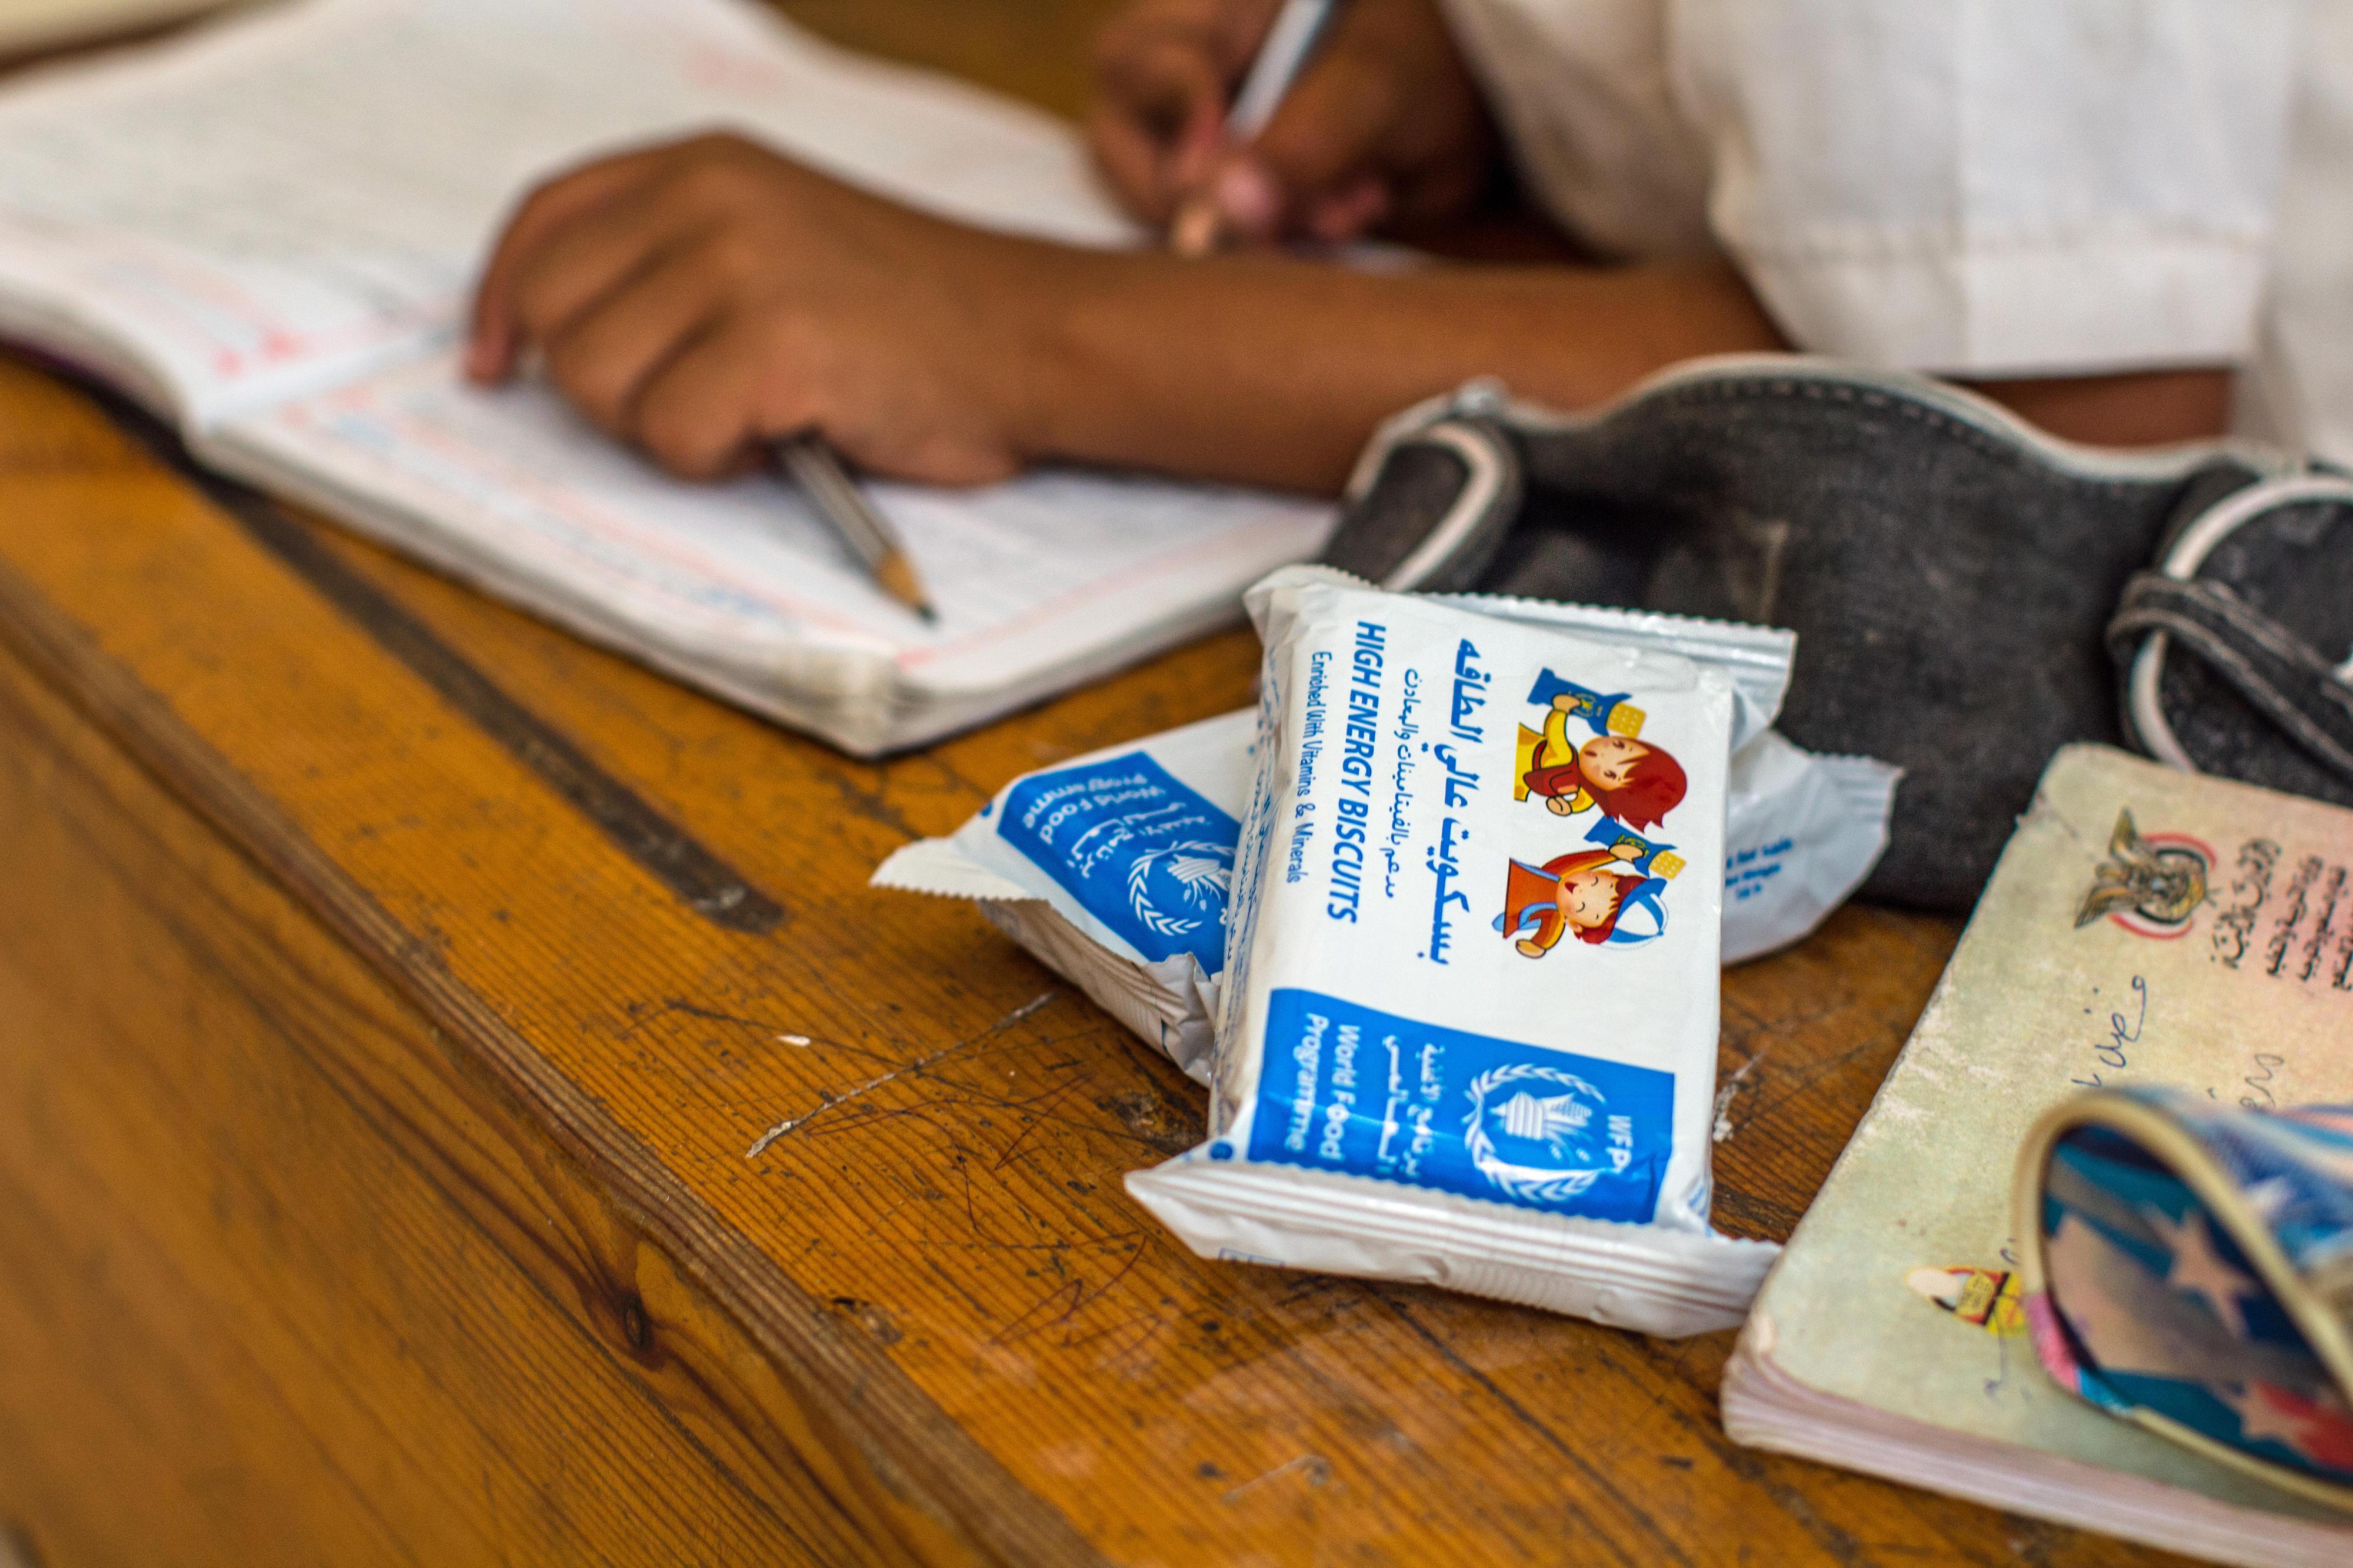 """Die Schülerinnen und Schüler der Foqom-Schule in Alburaiqa (Jemen) erhalten vom Welternährungsprogramm sogenannte """"High Energy Biscuits"""". Die Kekse haben einen hohen Proteingehalt und sind mit Vitaminen und Mineralien angereichert."""